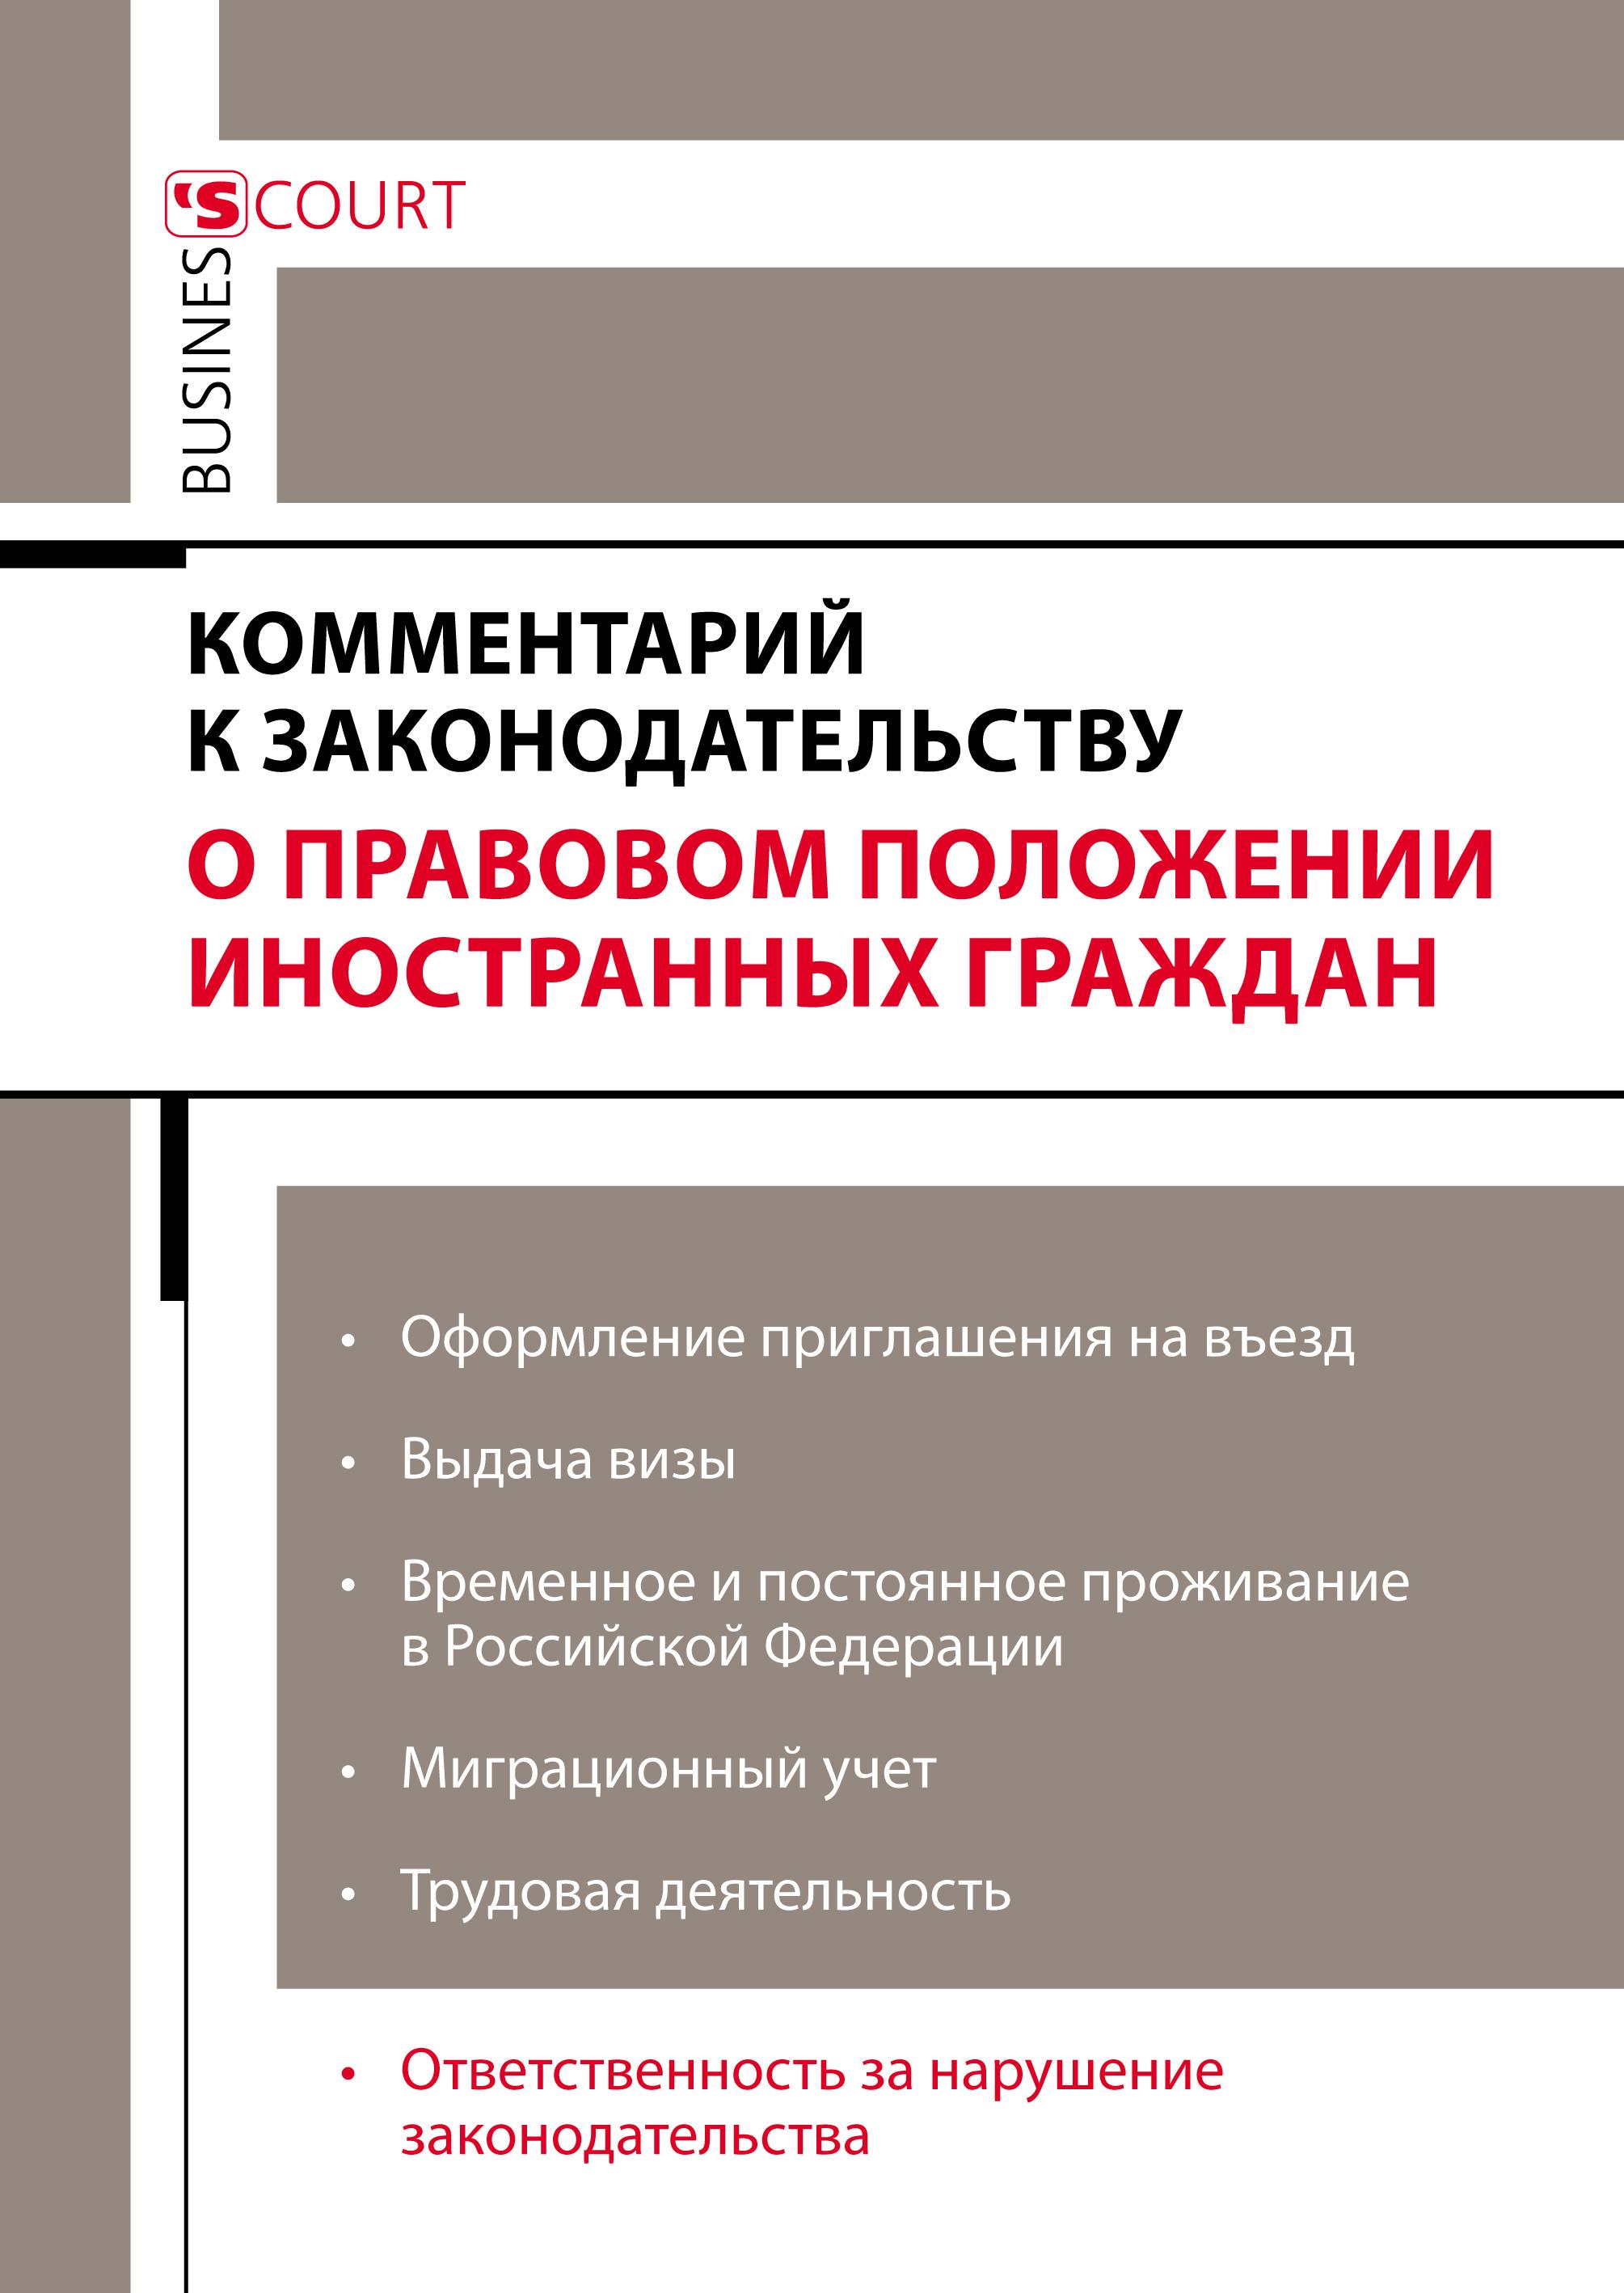 Ярославна Анатольевна Ключникова Комментарий к законодательству о правовом положении иностранных граждан